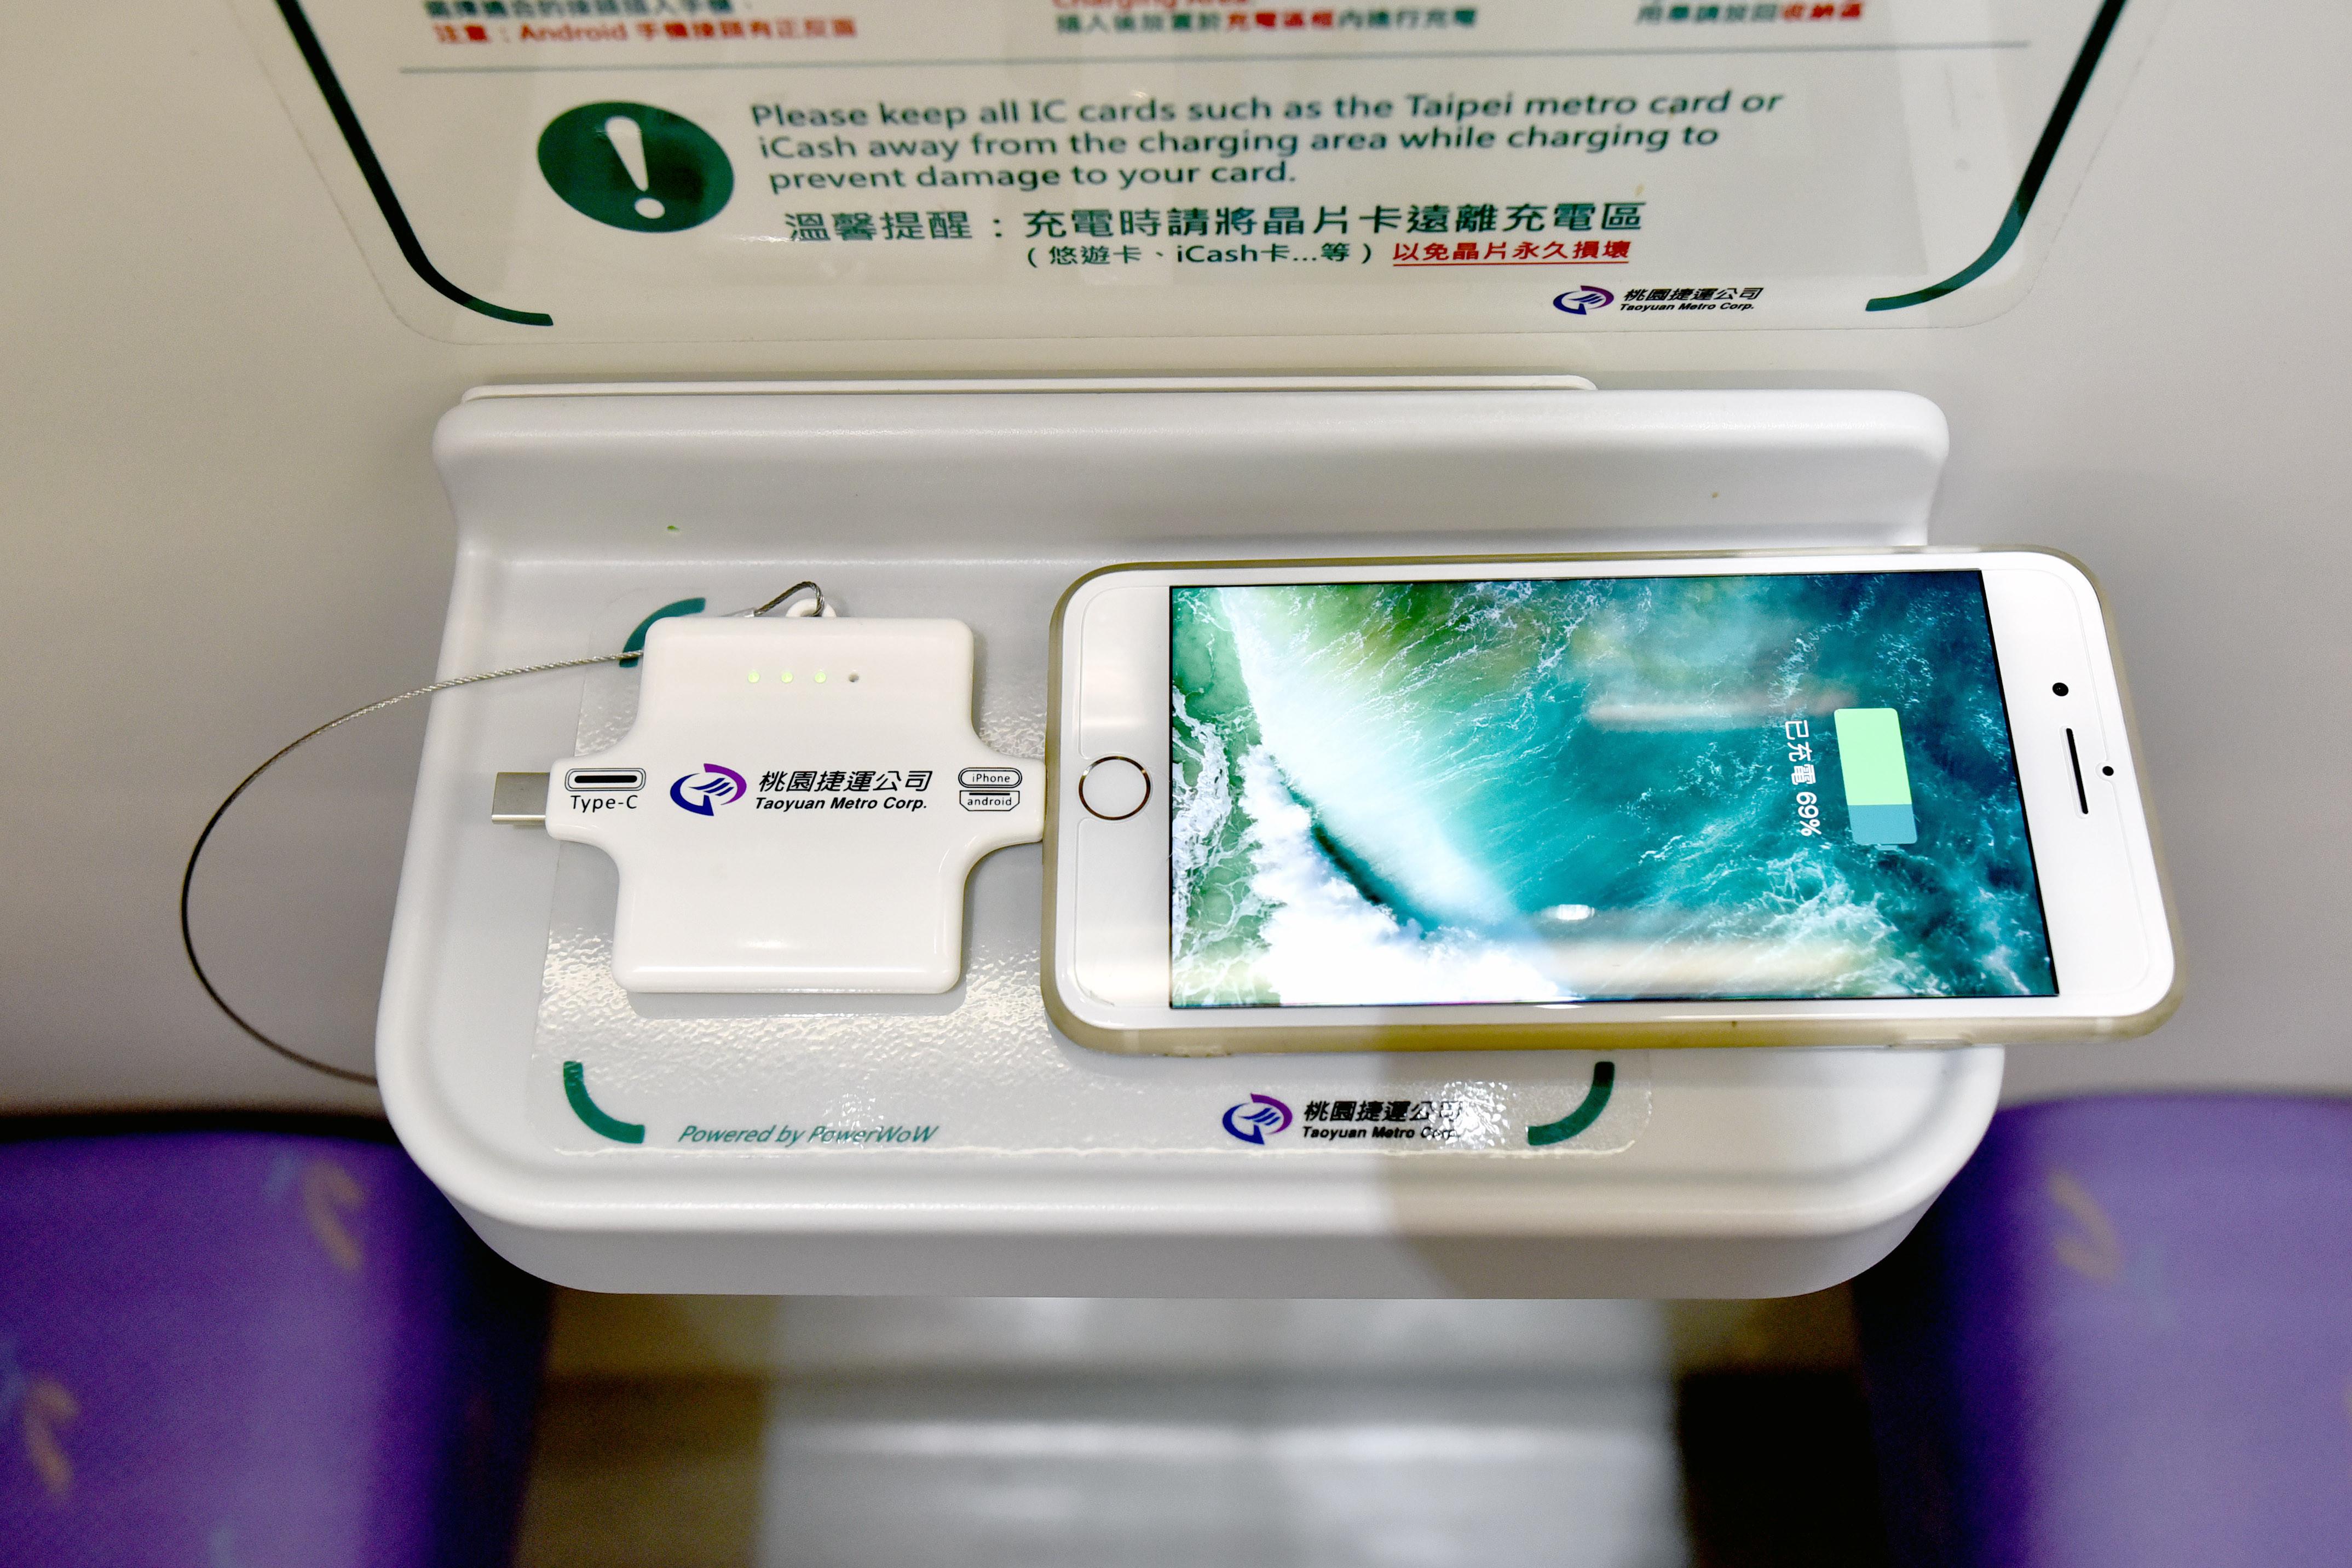 ▲不怕手機沒電!機捷直達車有無線充電,任何型號手機都適用。(圖/桃捷提供)